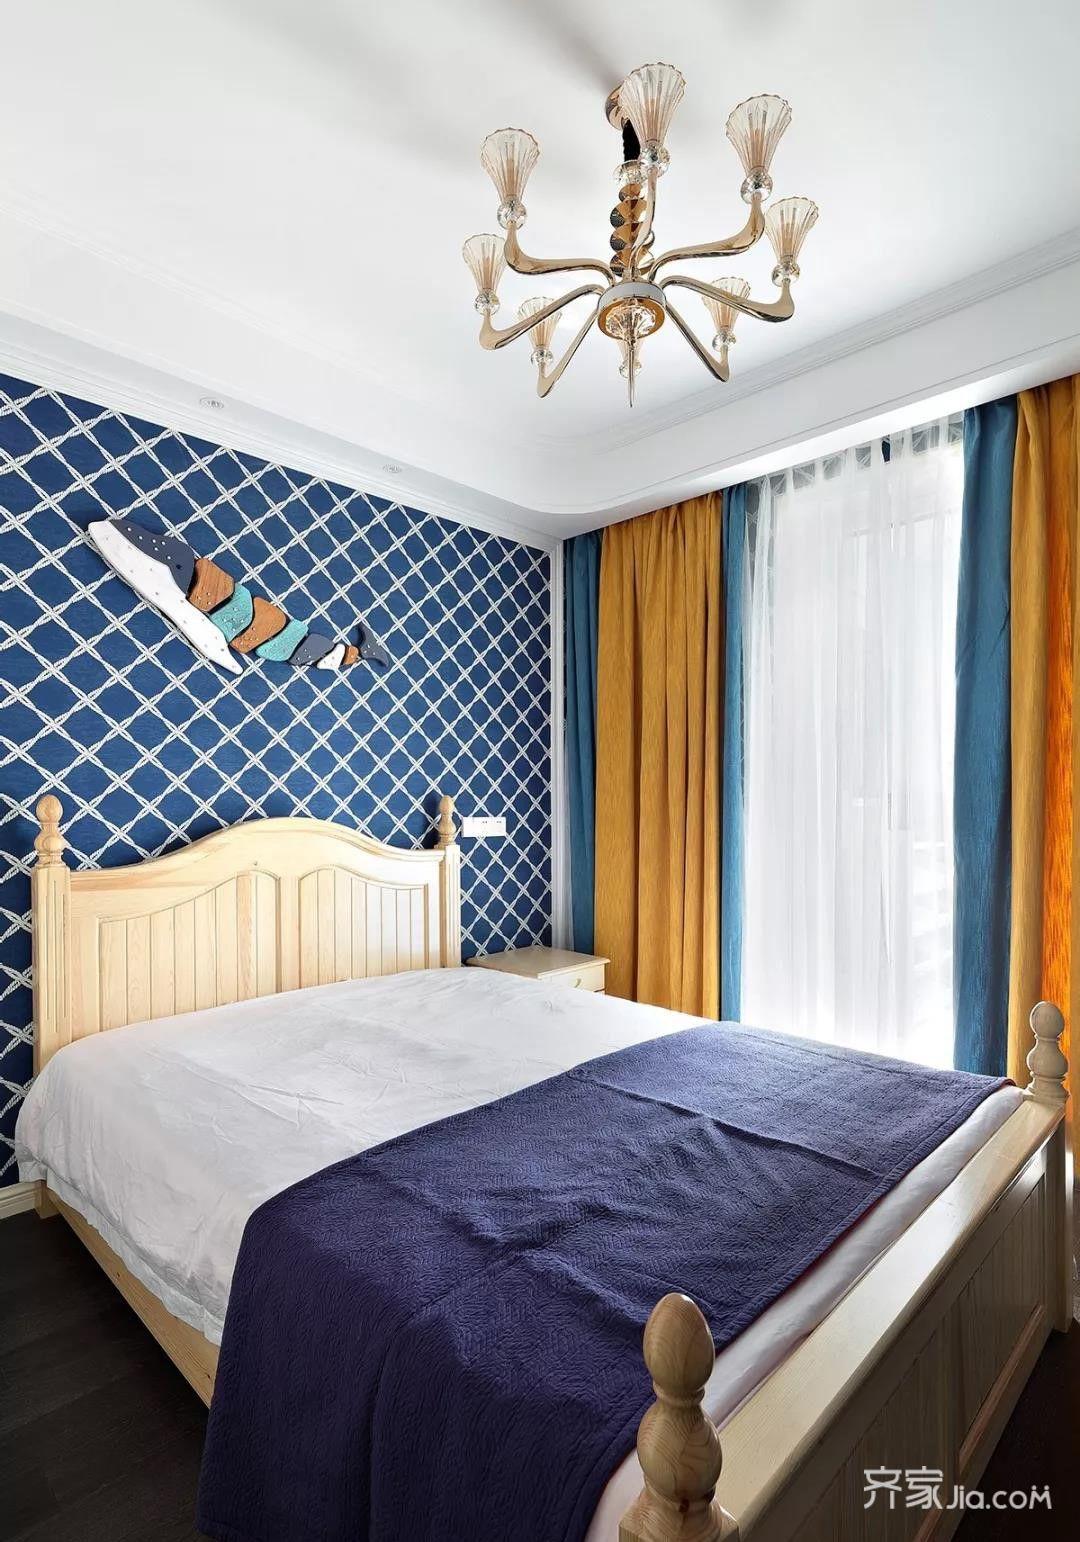 蓝色系软包与对称壁纸床背景,灰色欧式大床与紫色窗帘,精致颜值高.图片